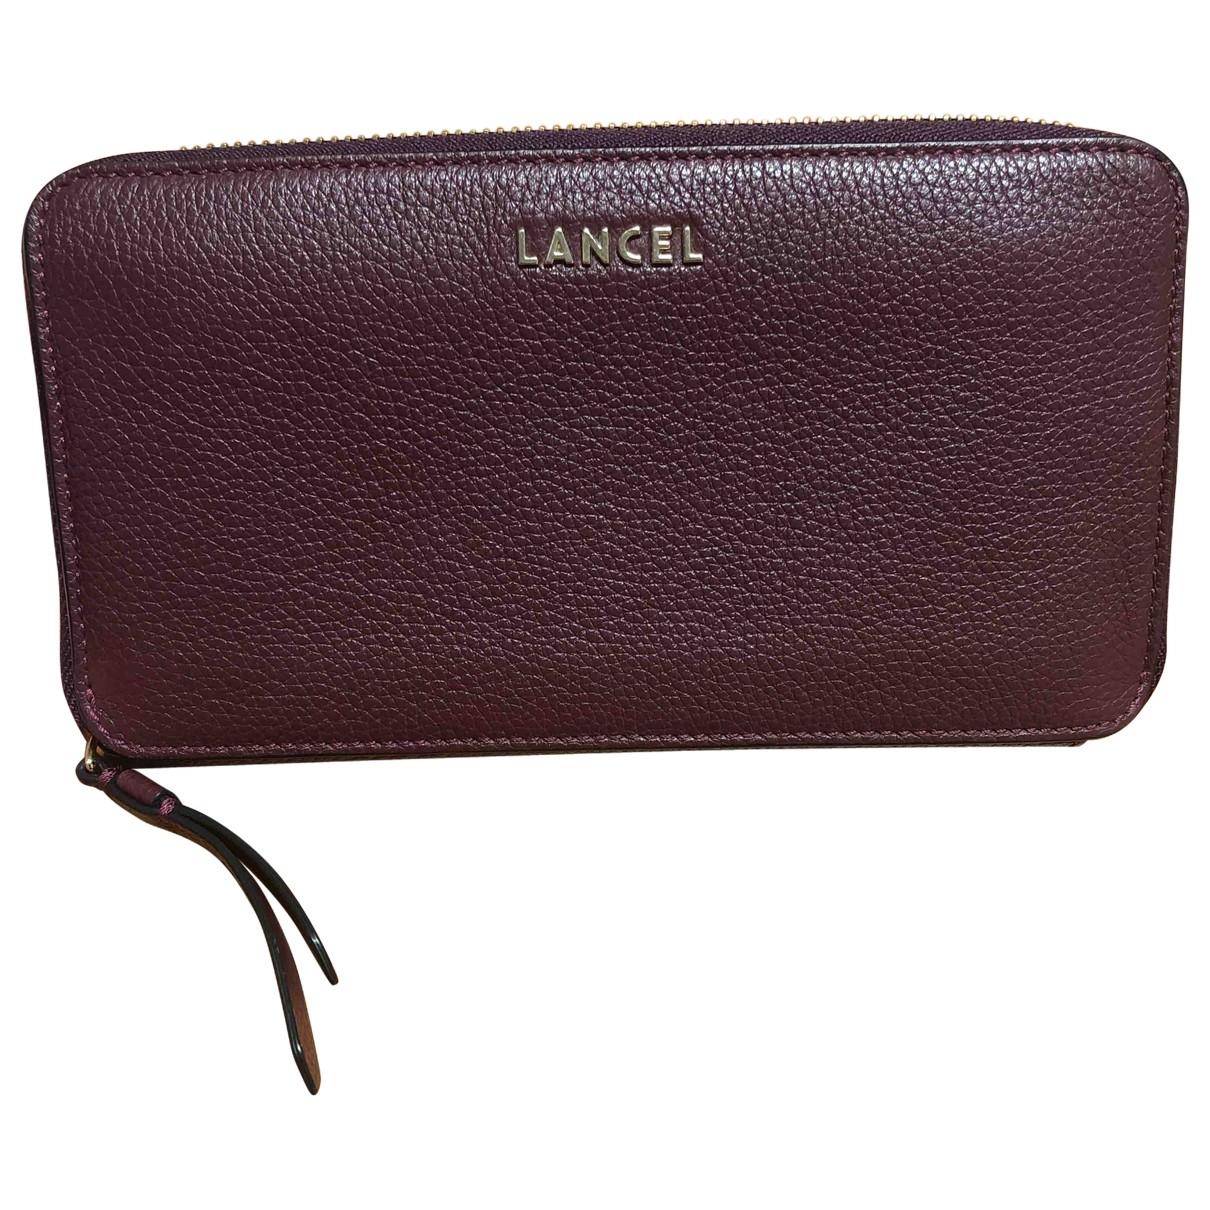 Lancel - Portefeuille Lettrines pour femme en cuir